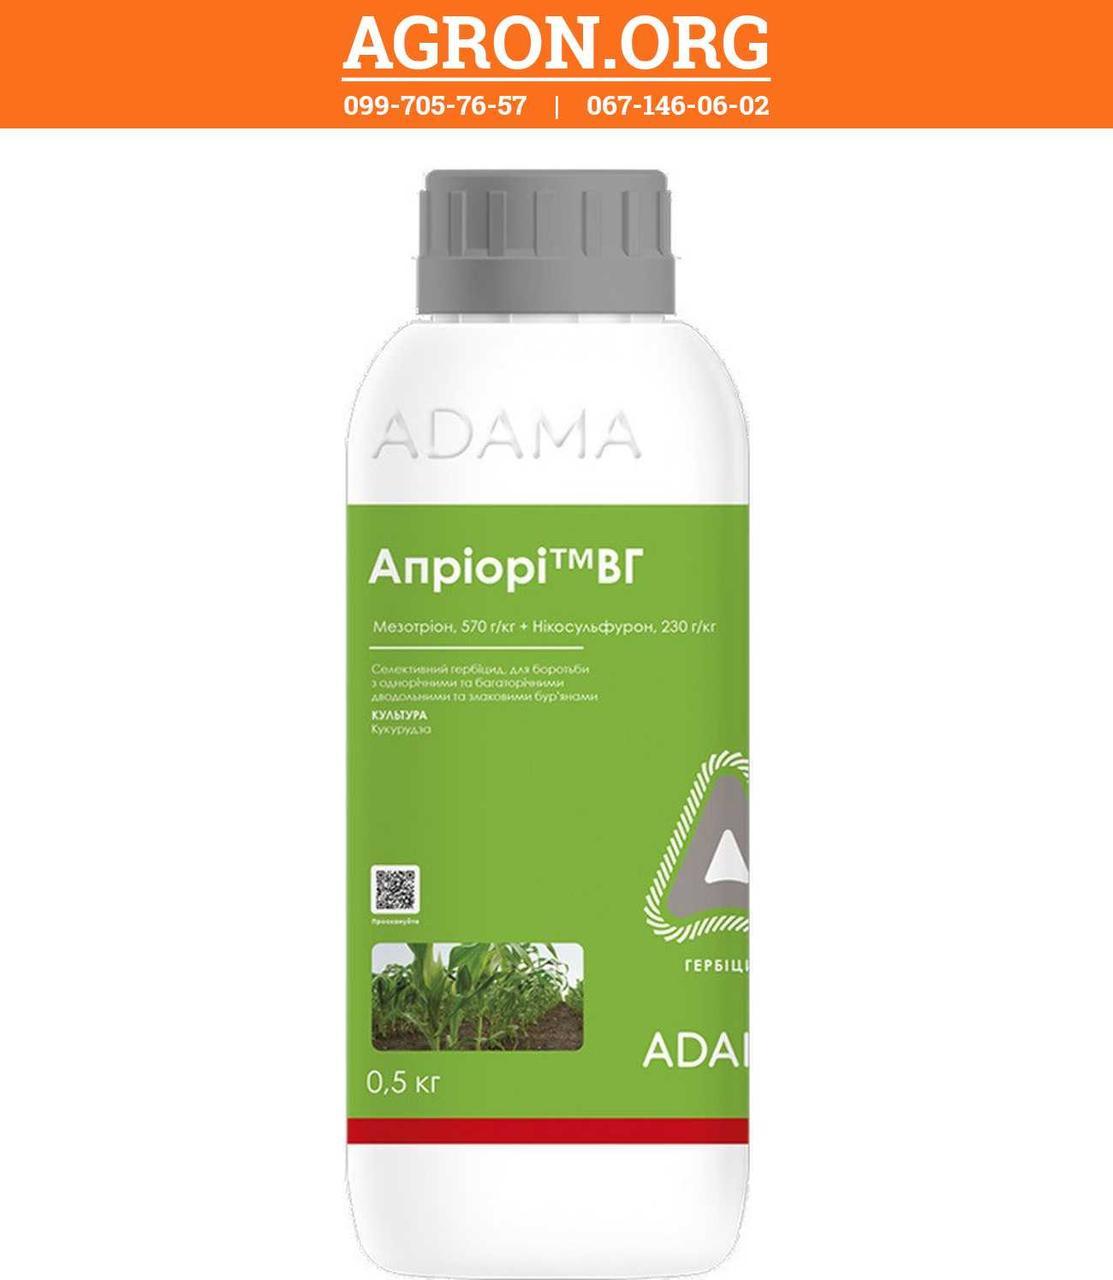 Апріорі+ БіоПауер гербицид системної дії для післясходового захисту посівів кукурудзи Адама 0,5 кг